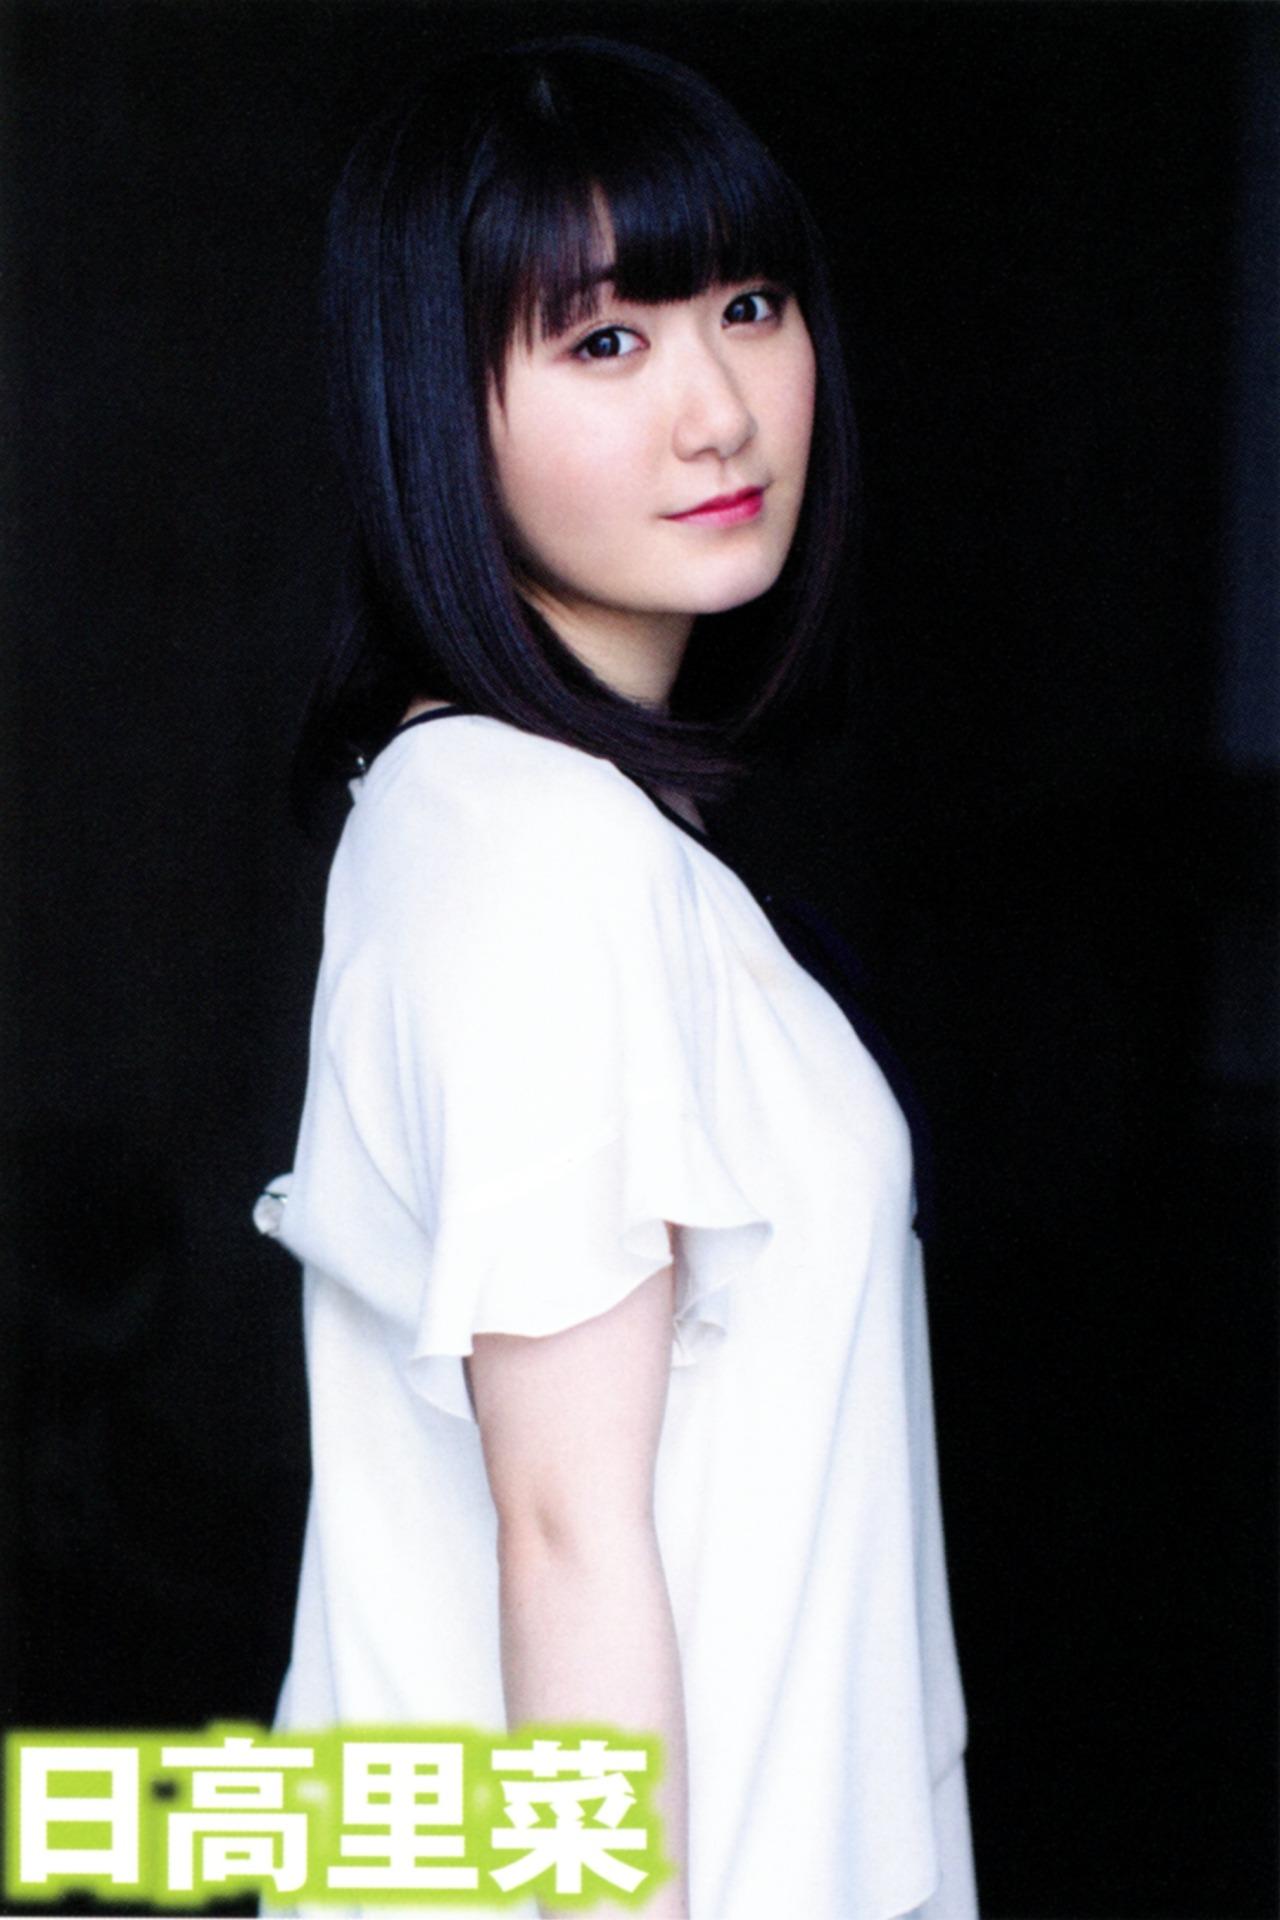 hidaka_rina034.jpg